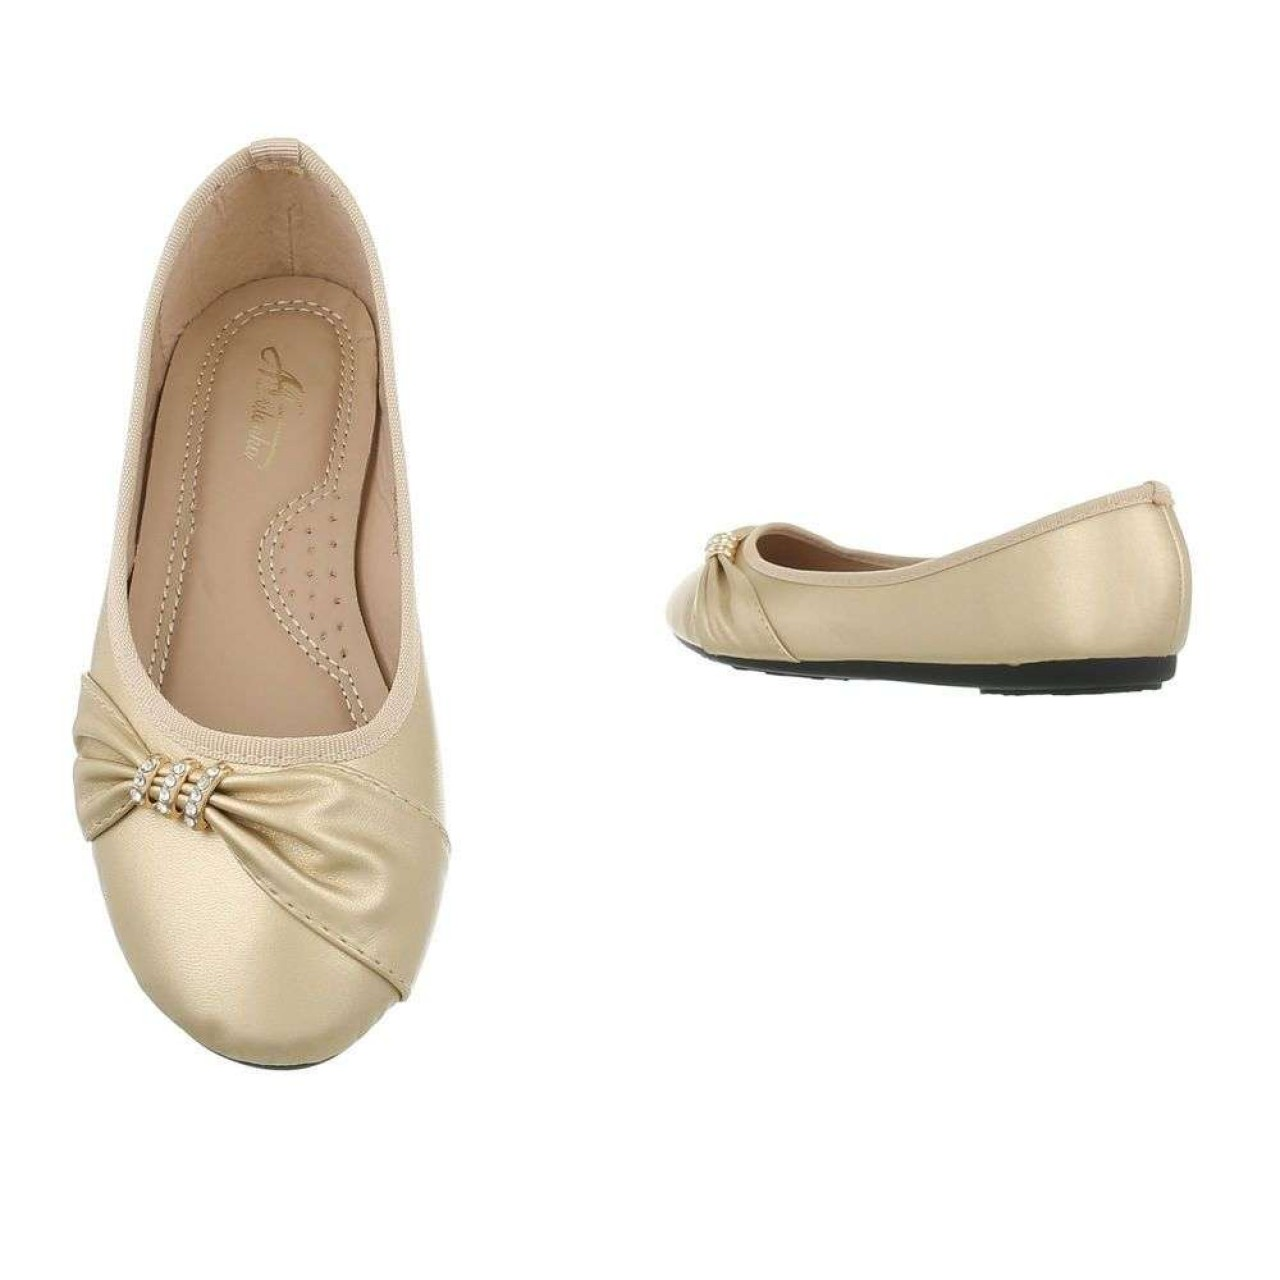 Γυναικεία Παπούτσια Μπαλαρίνα Μπεζ - 4068